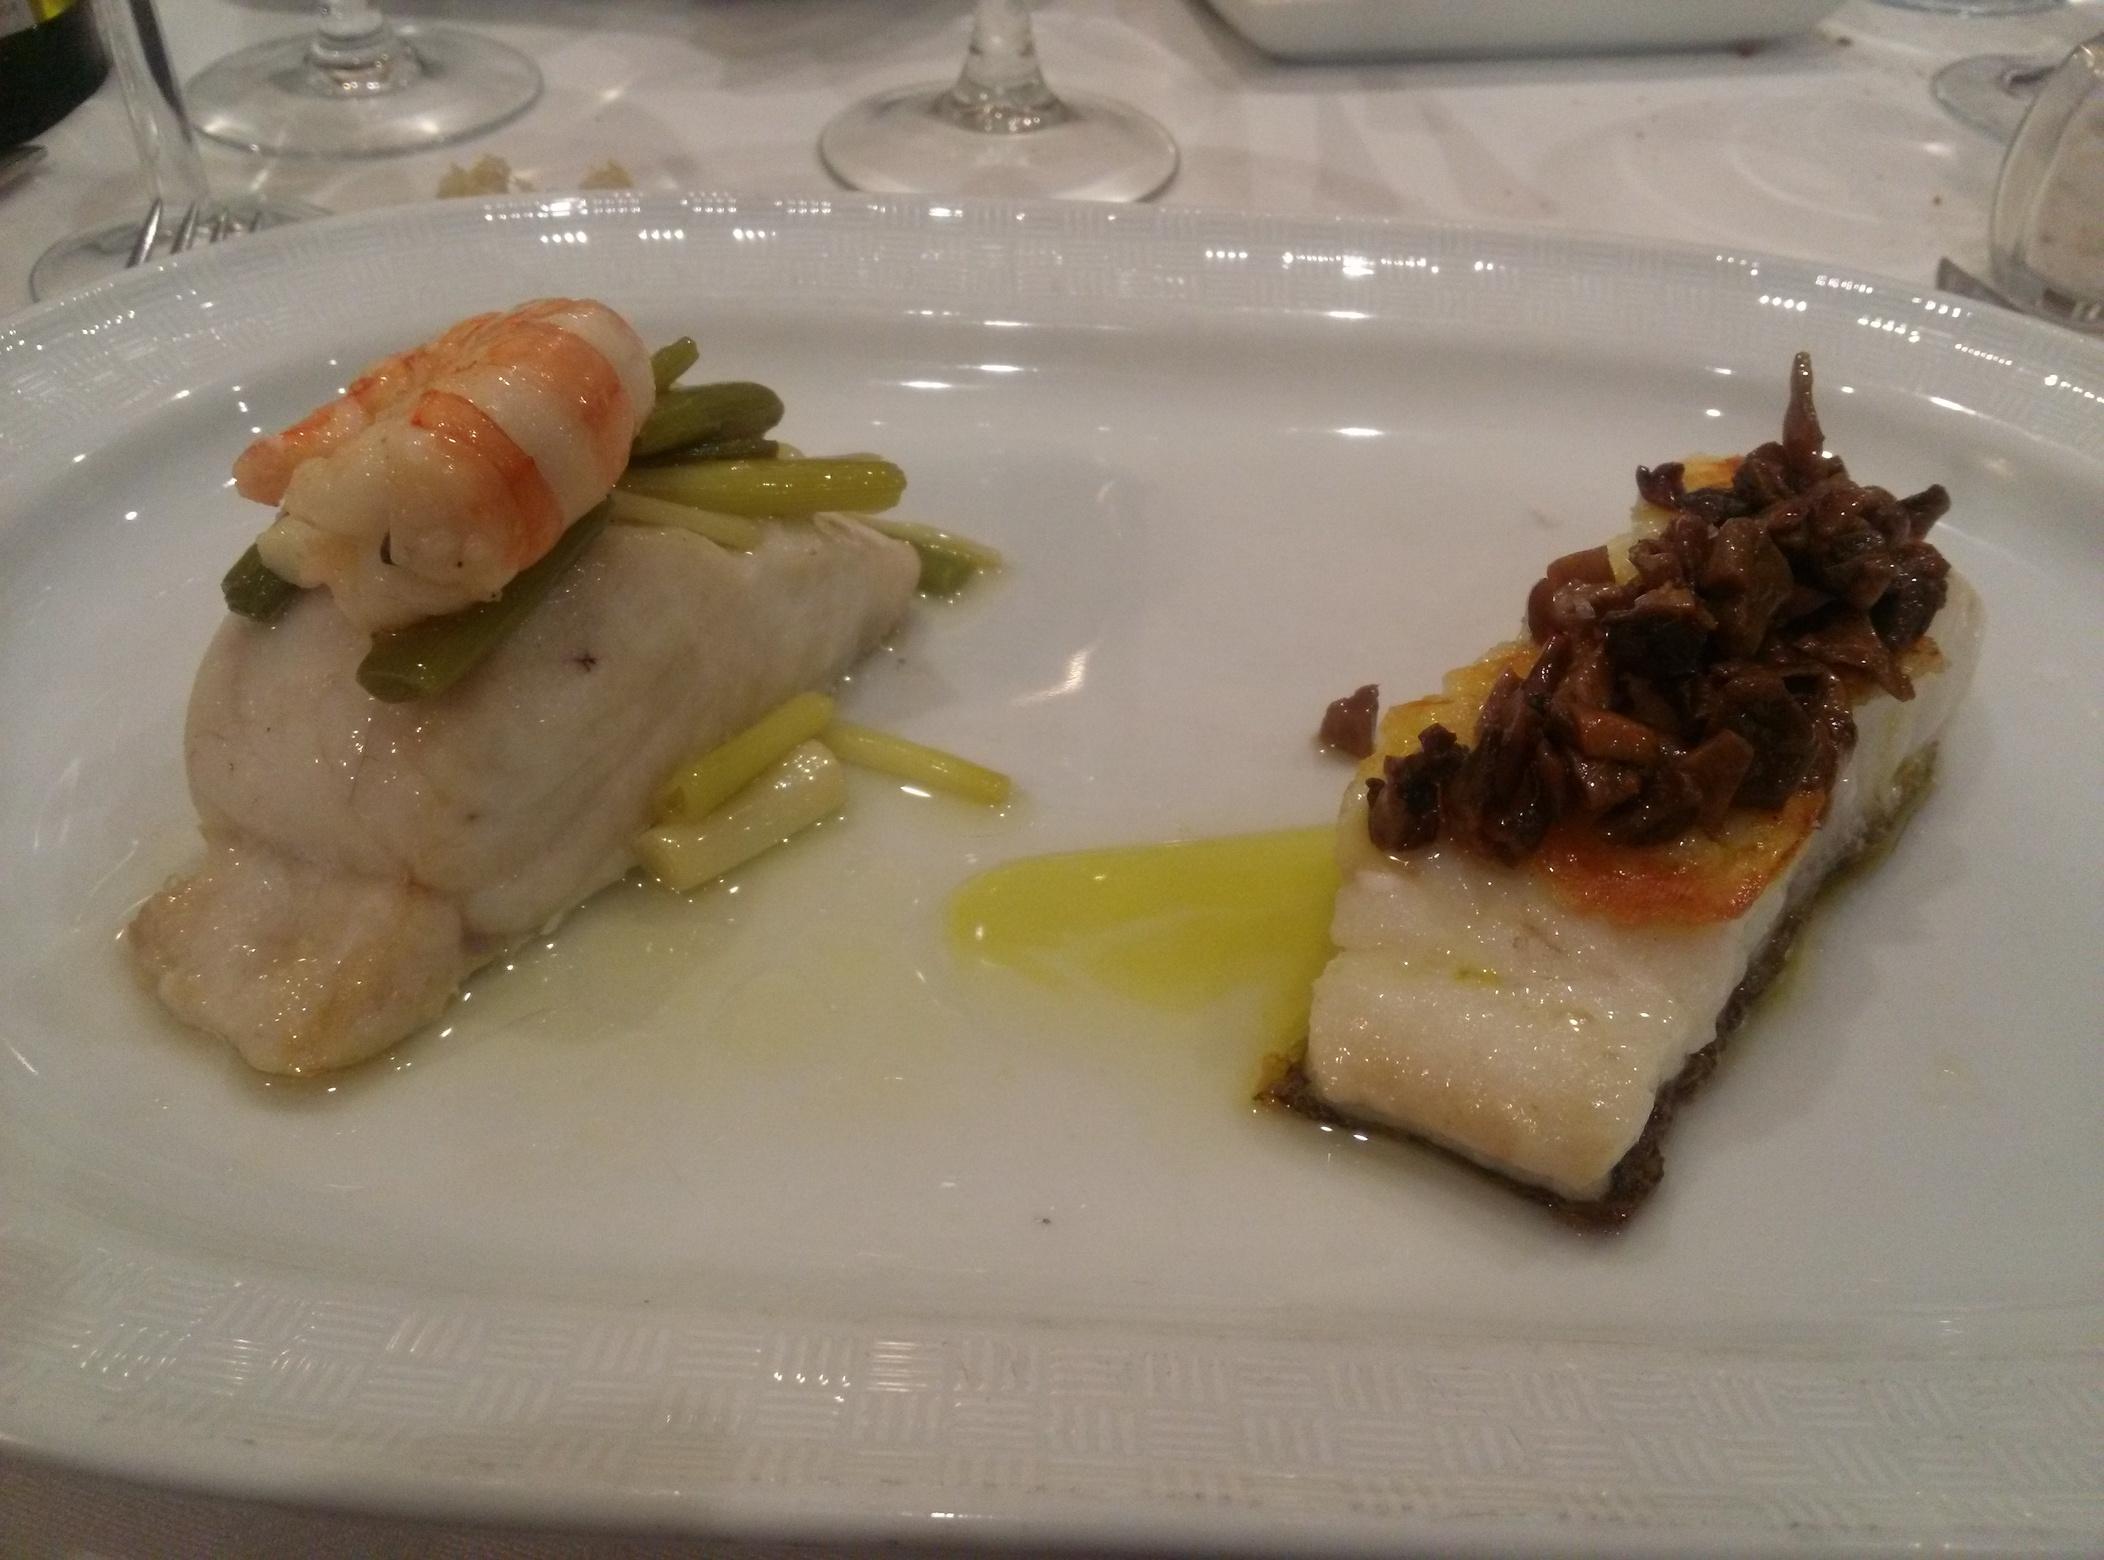 Segundo entrante comida del viernes 24 de febrero en restaurante El Cabanyal